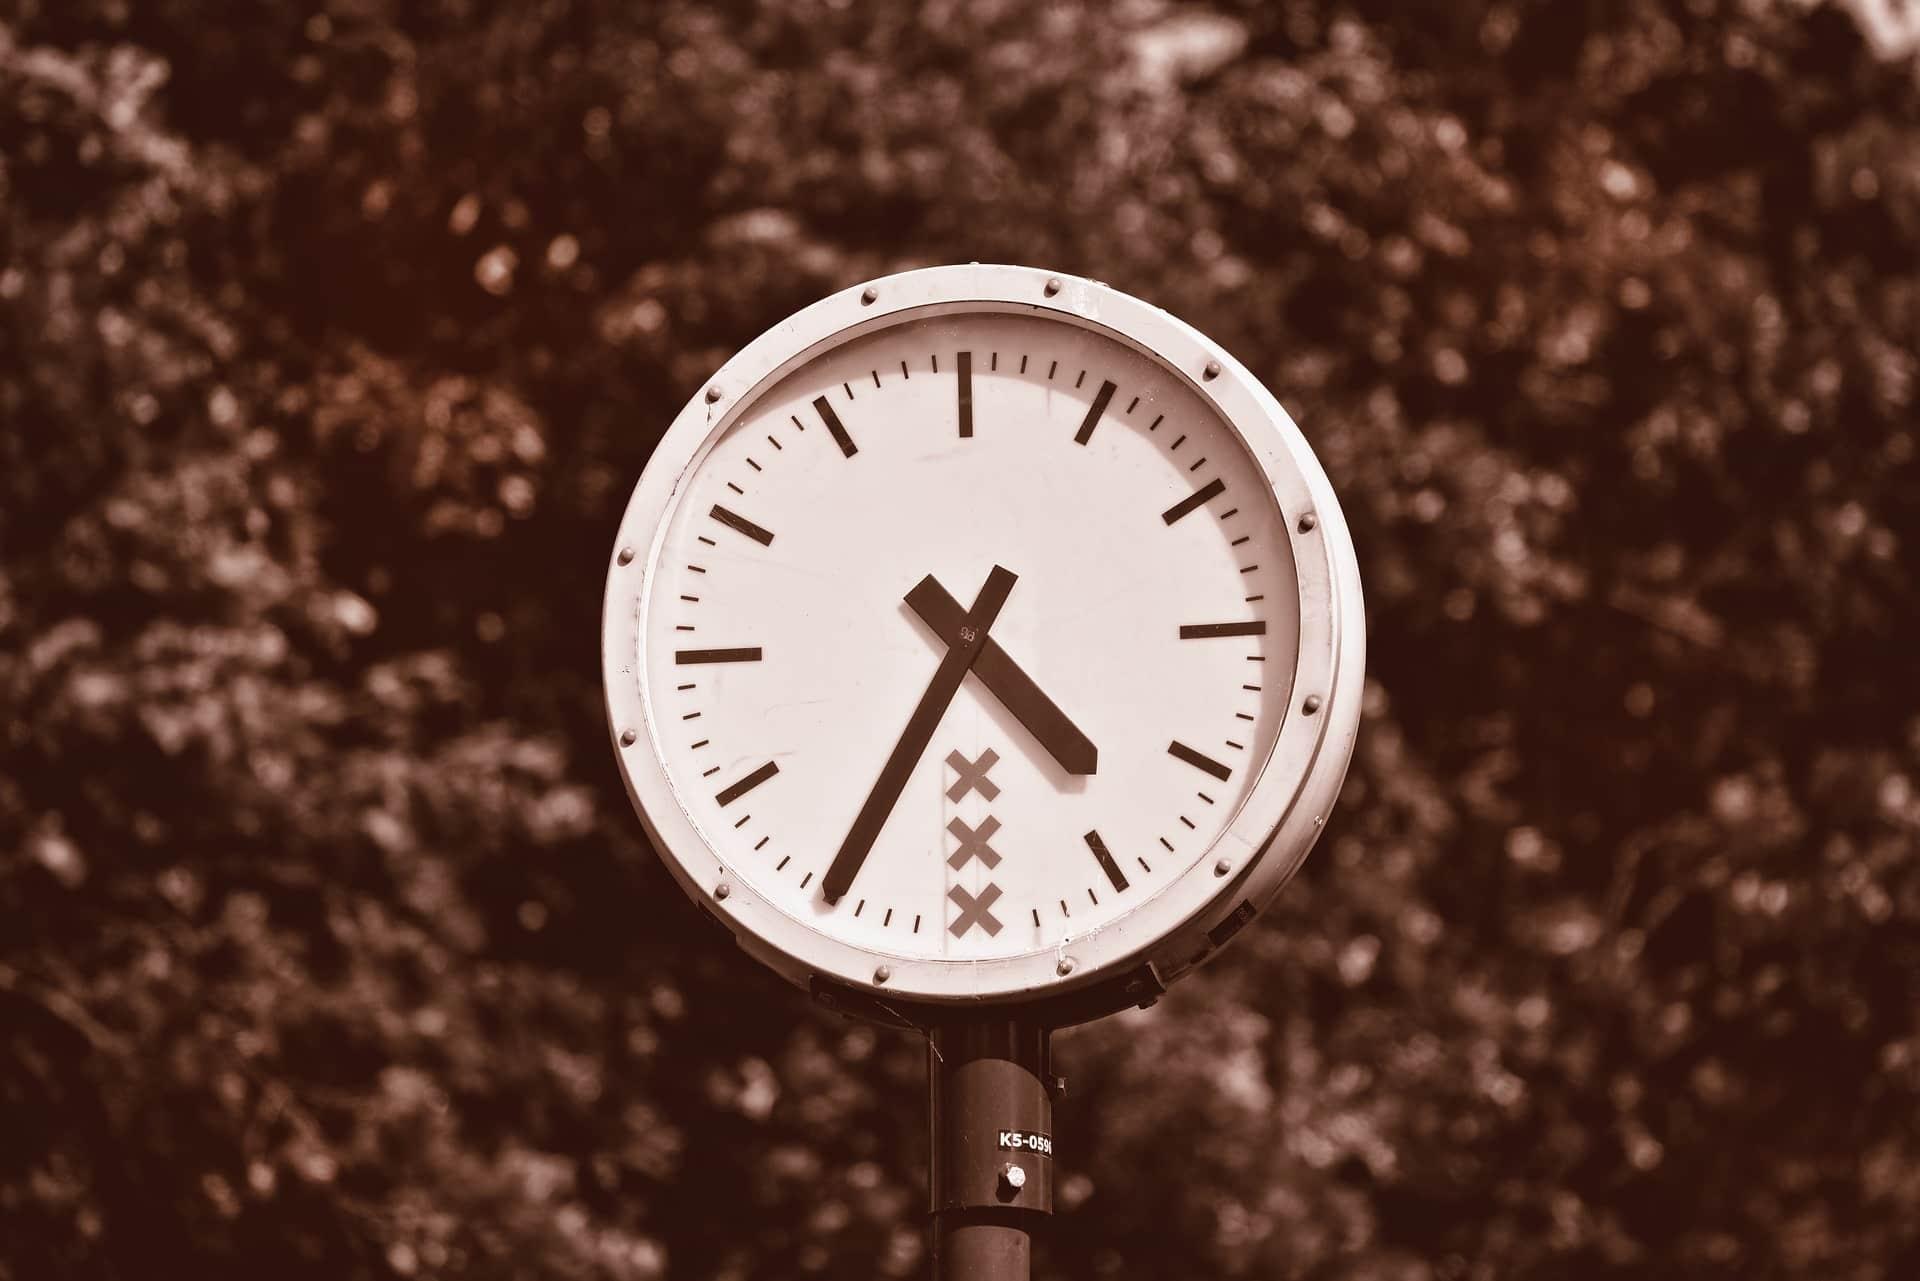 Zegar pośród liści